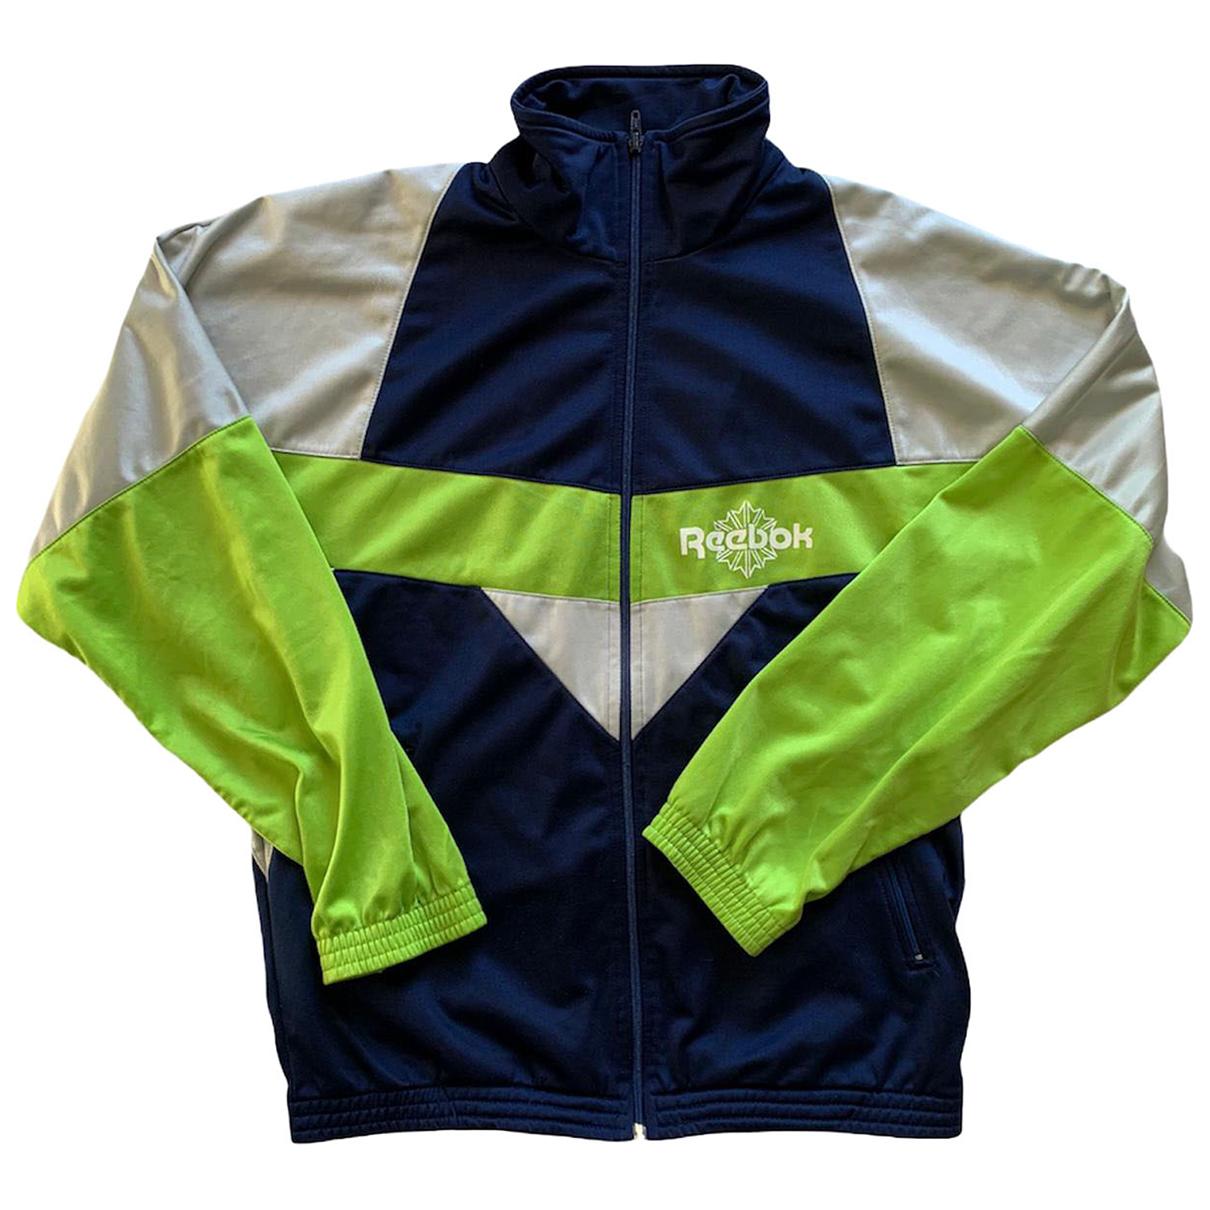 Reebok N Multicolour Knitwear & Sweatshirts for Men M International